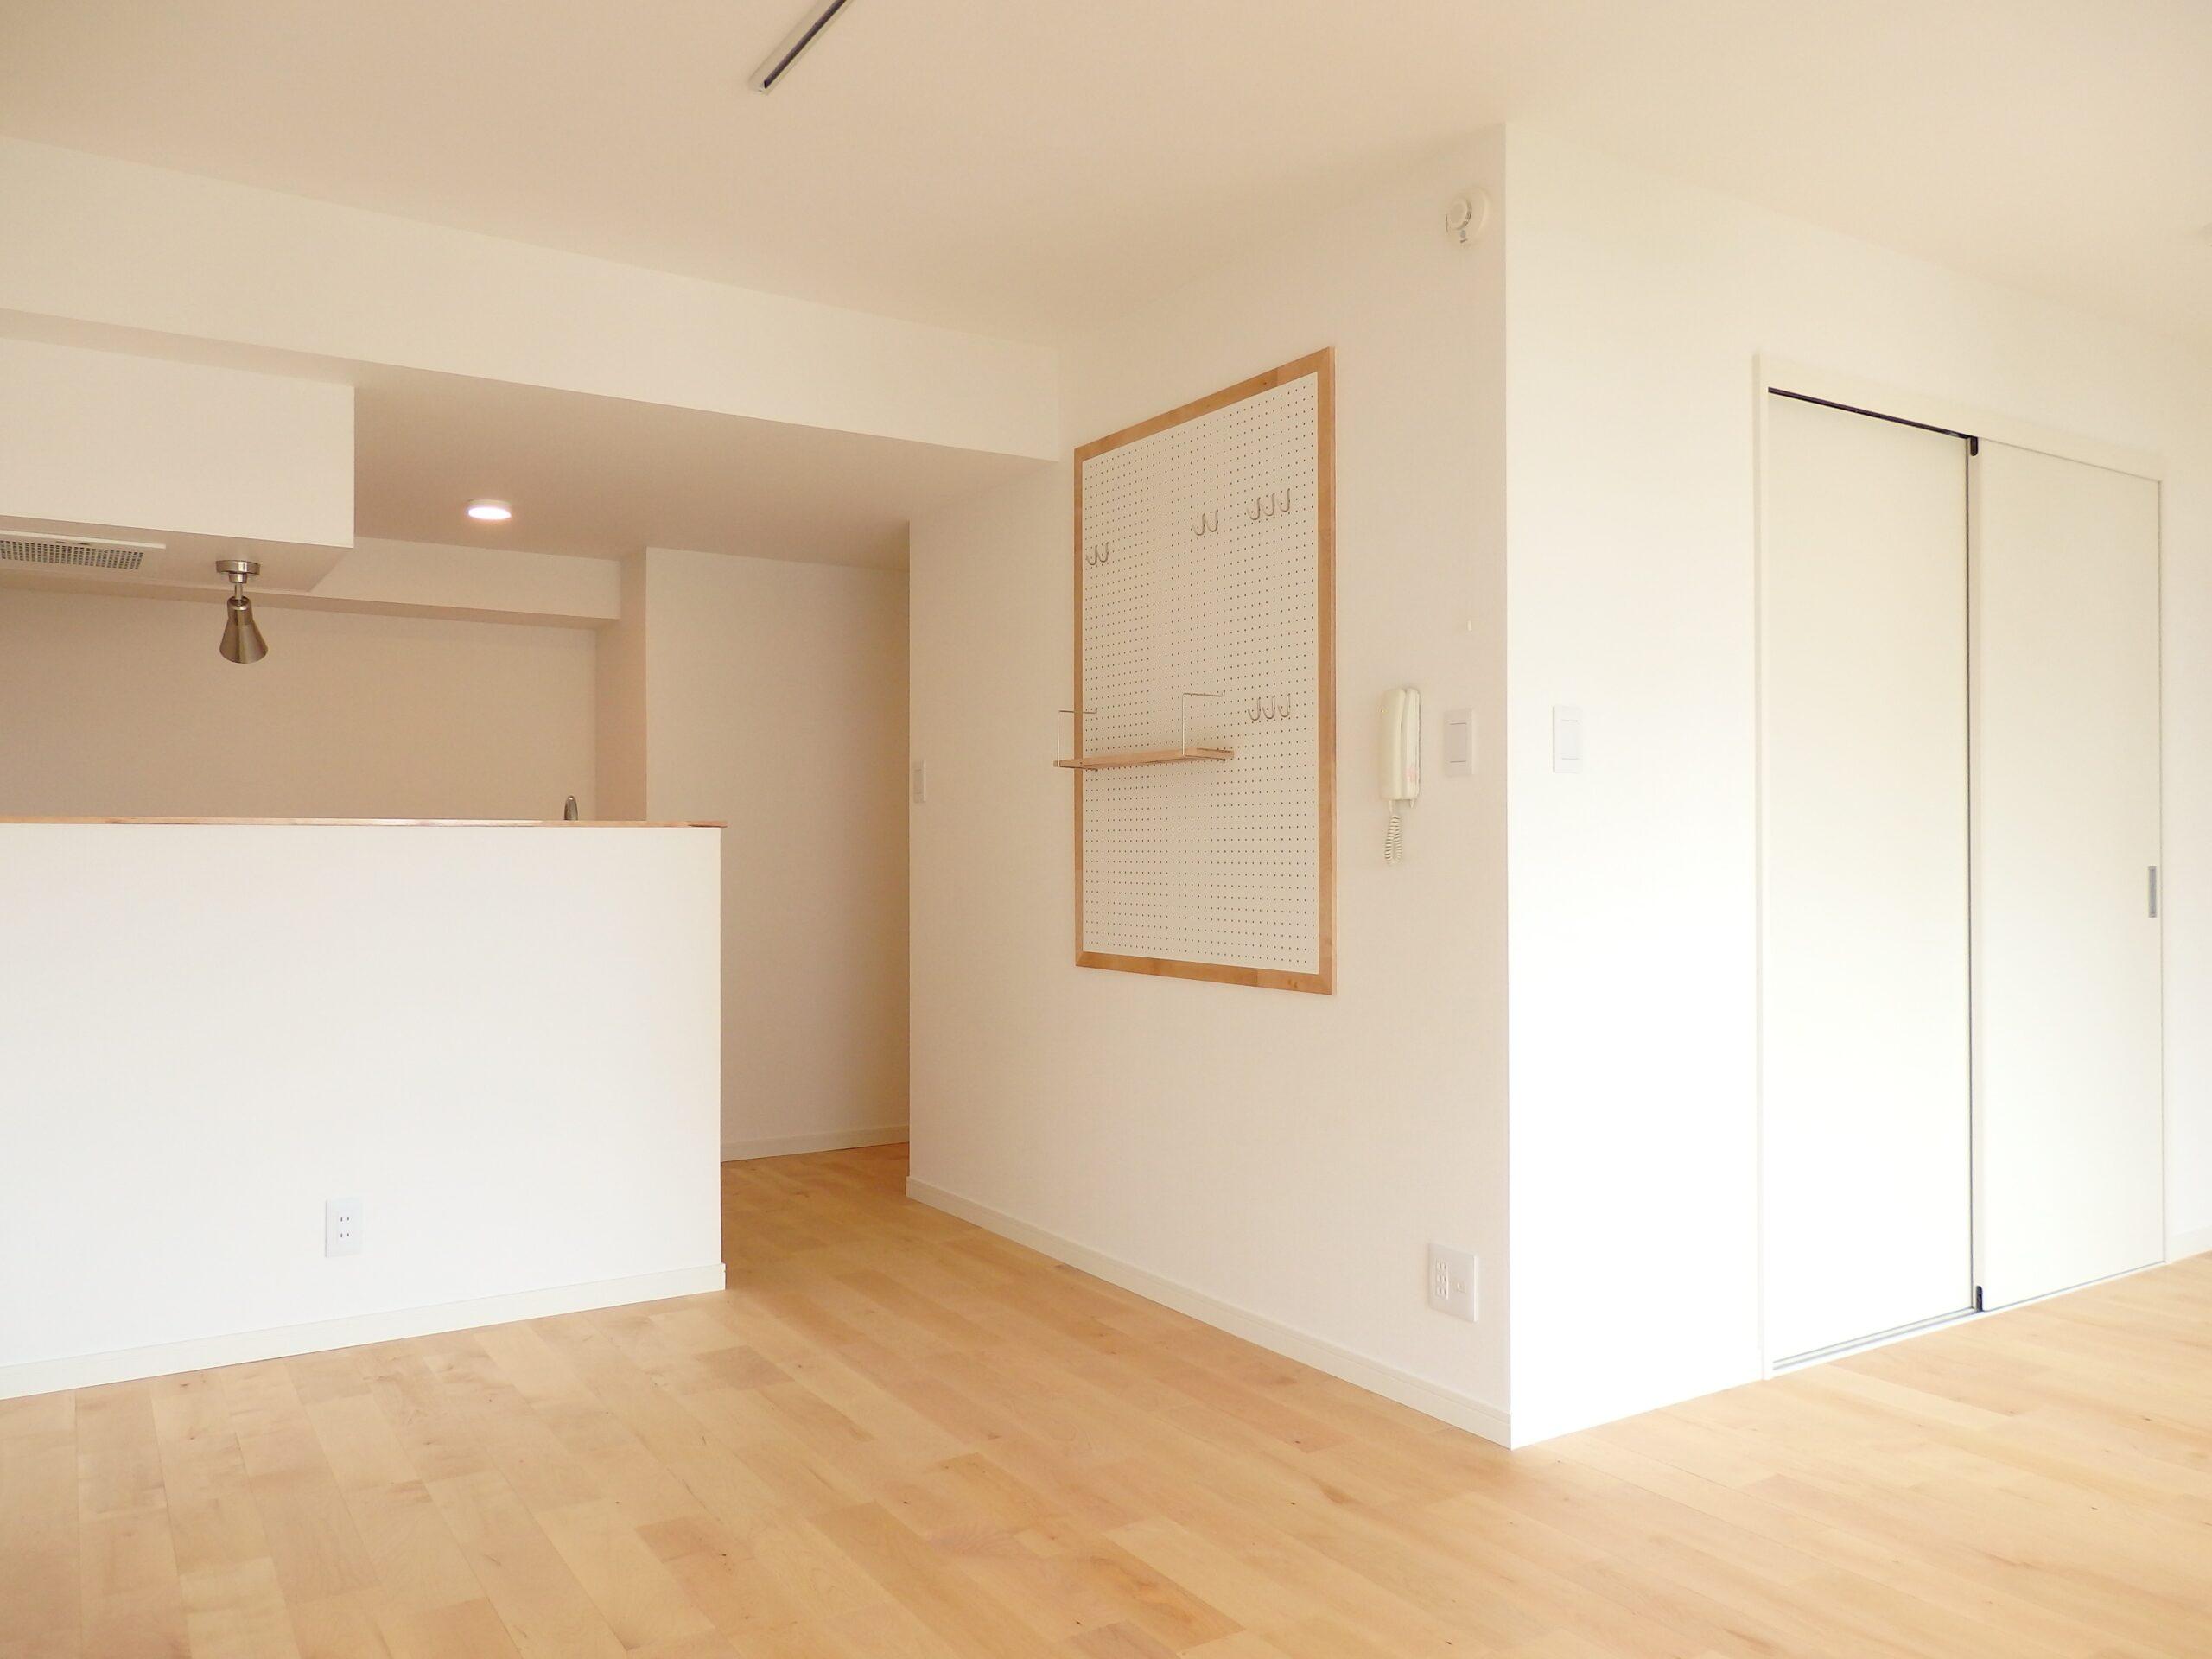 1Rマンションの空室を二戸一リノベーションで解消